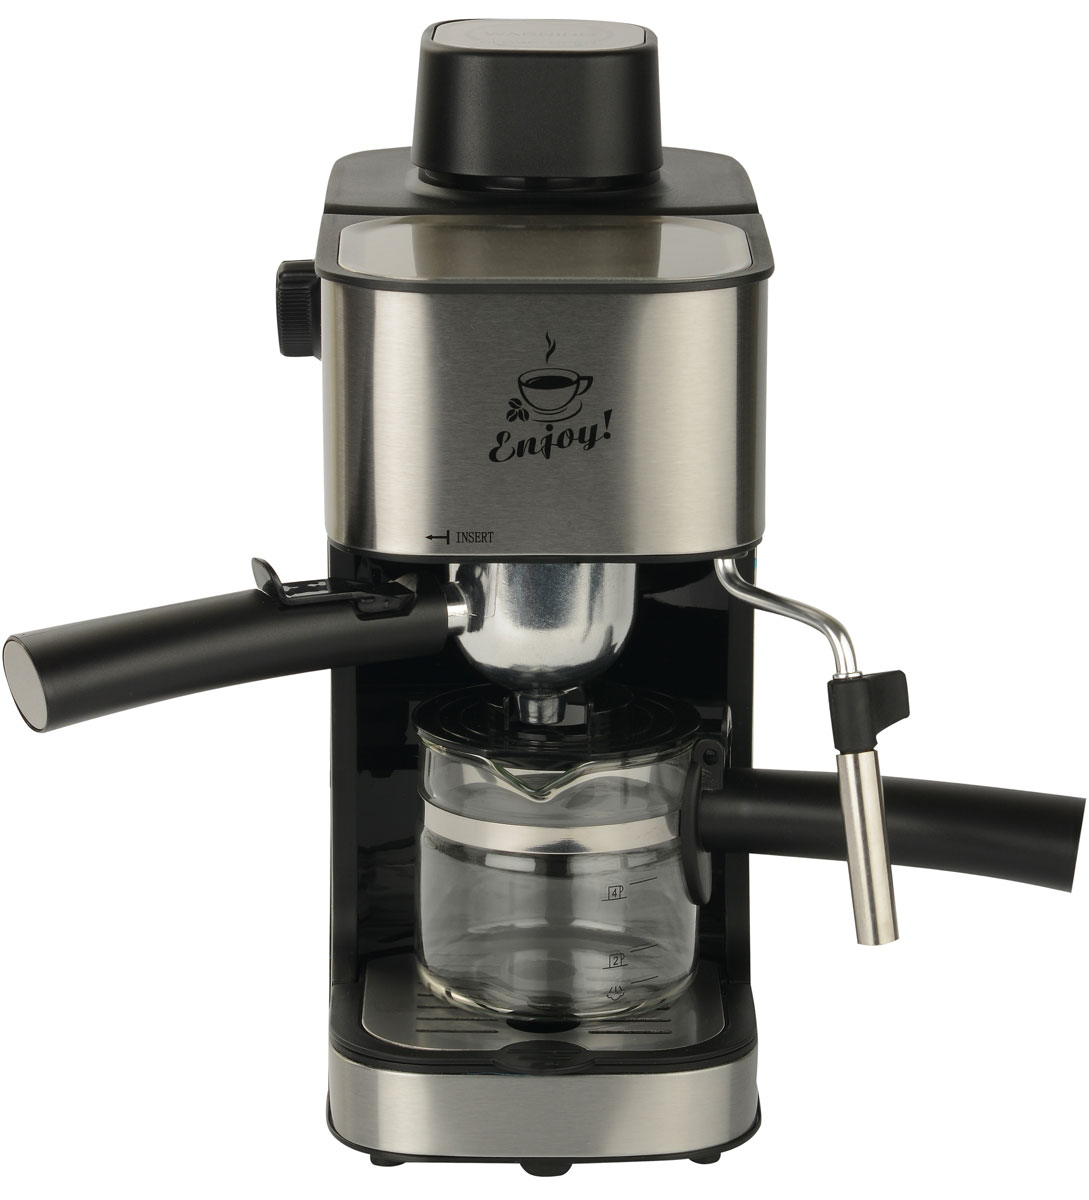 First FA-5475-2, Silver кофеваркаFA-5475-2 SteelFirst FA-5475-2 - превосходная рожковая кофеварка для приготовления ароматного эспрессо на каждый день. Данная модель оборудована насосной системой давления на 4 бар. Прибор оснащен съемным лотком для сбора капель и предохранительным клапаном для обеспечения комфортного использования. Также имеется светодиодный индикатор питания. Емкость кофеварки рассчитана на 4 чашки.Как выбрать кофеварку. Статья OZON Гид